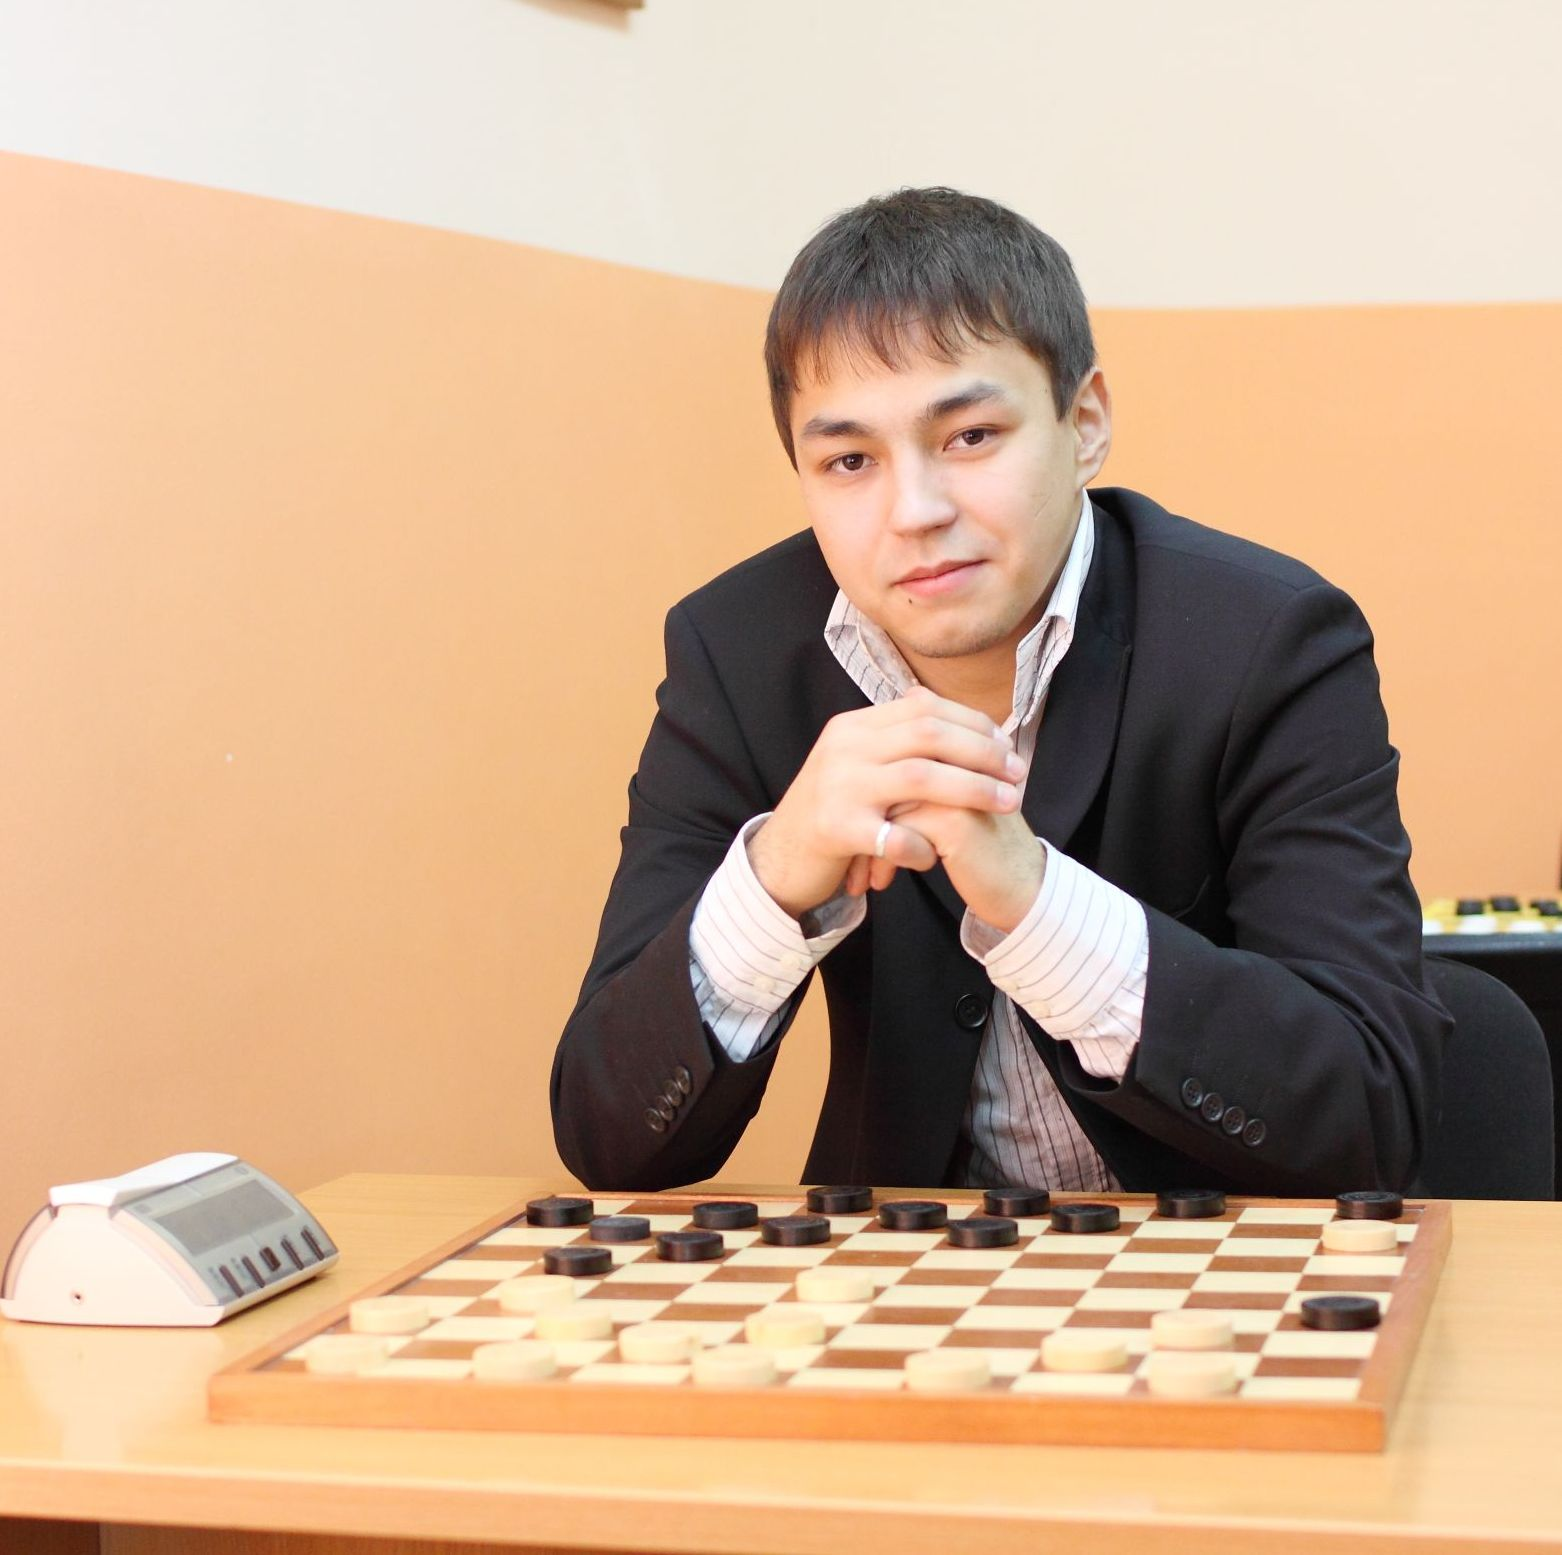 Айнур Шайбаков